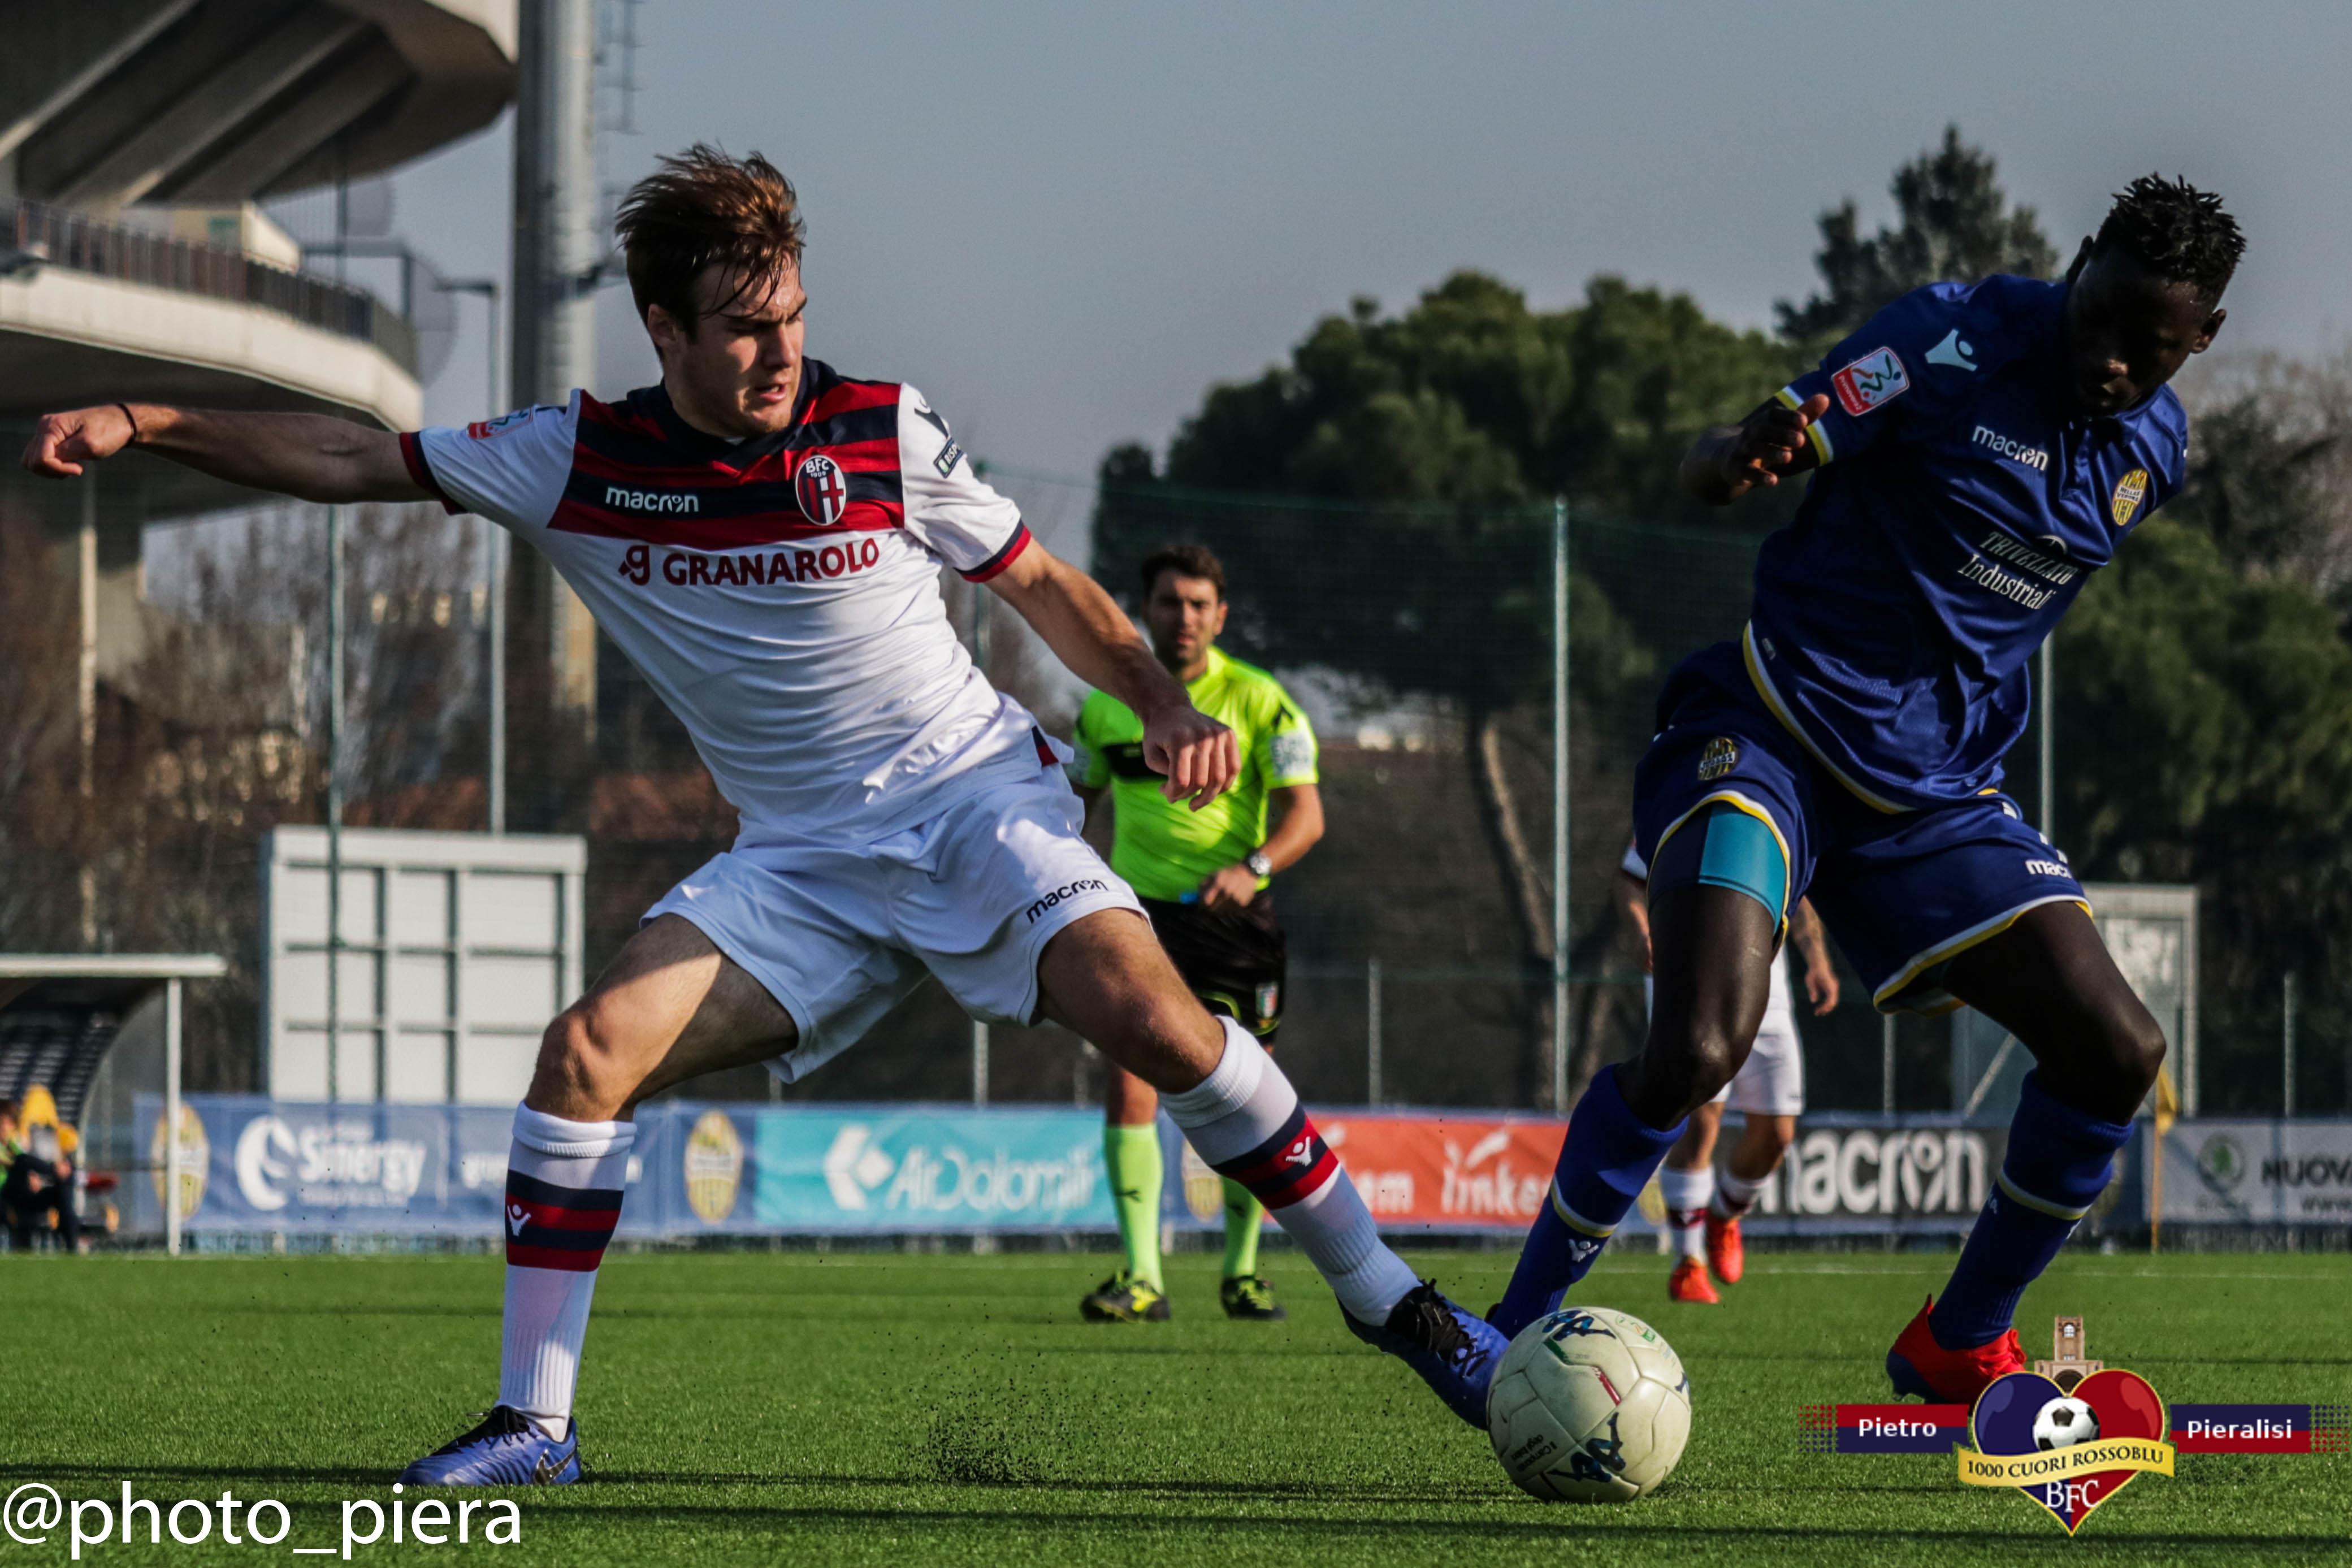 Primavera: Verona - Bologna. Le foto della partita.